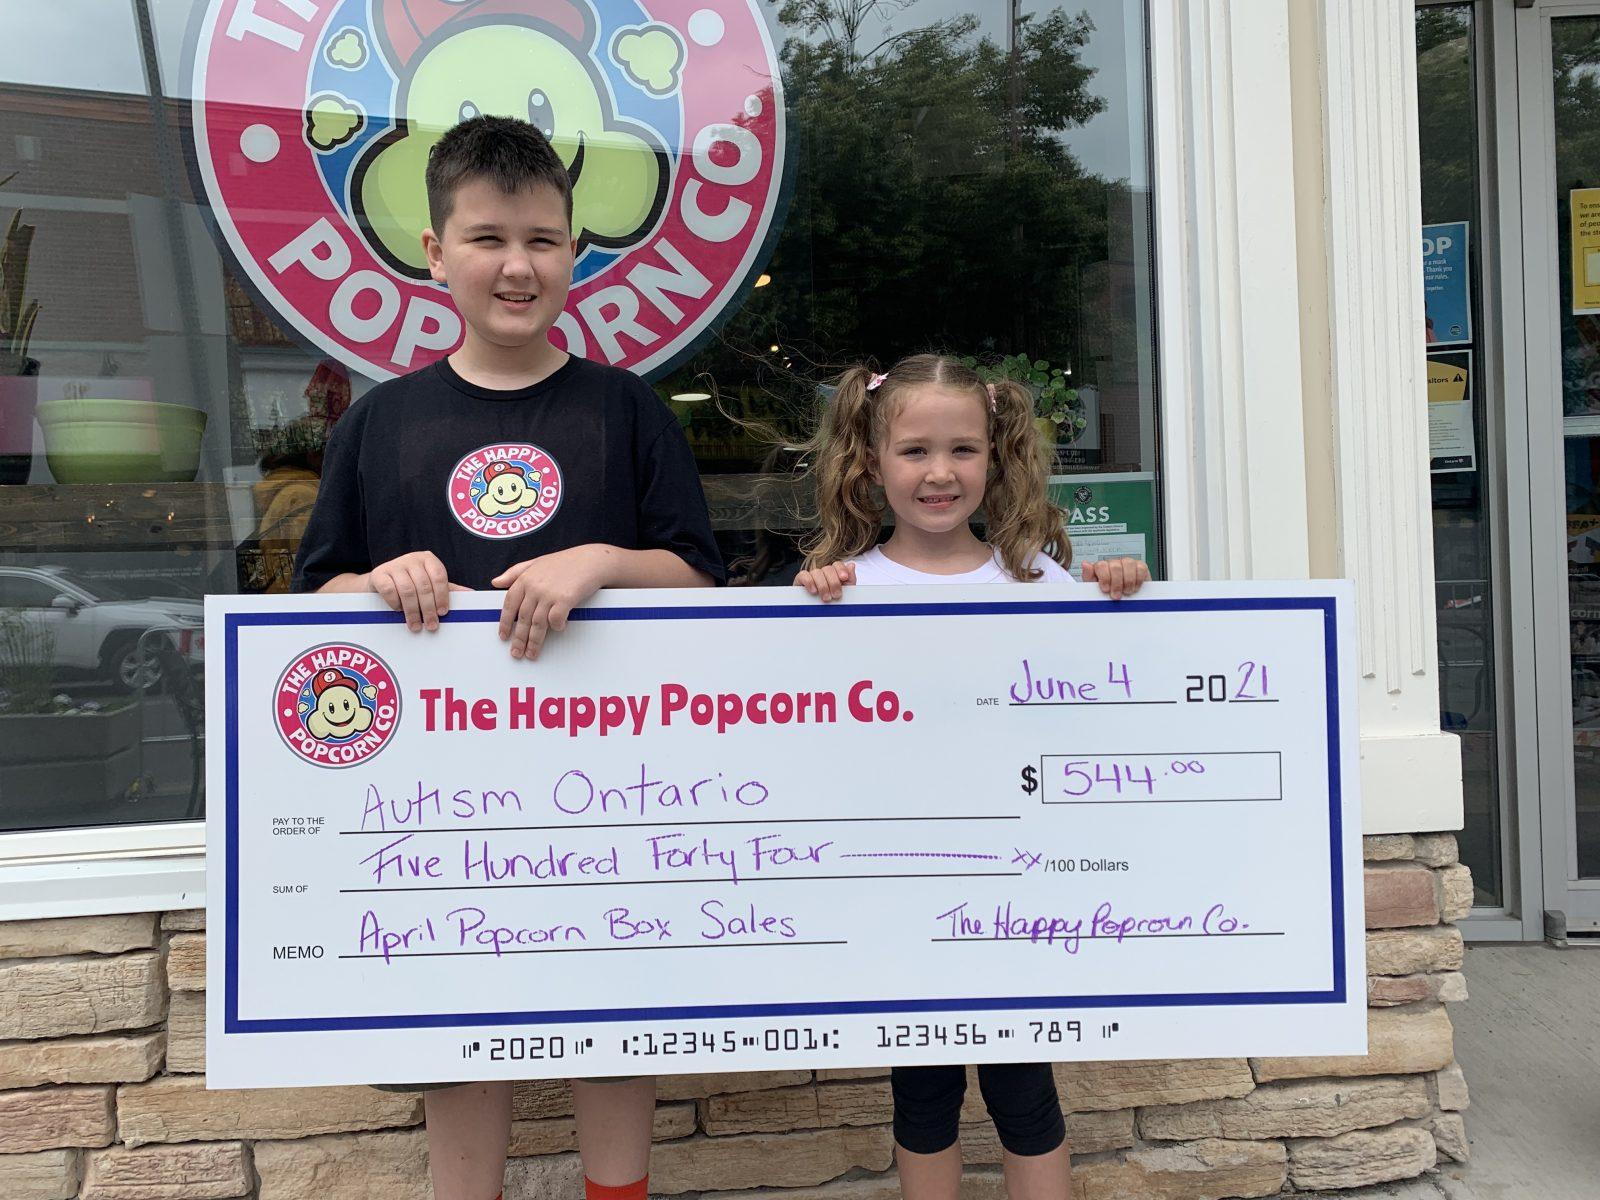 Happy Popcorn Co. donates to local non-profits